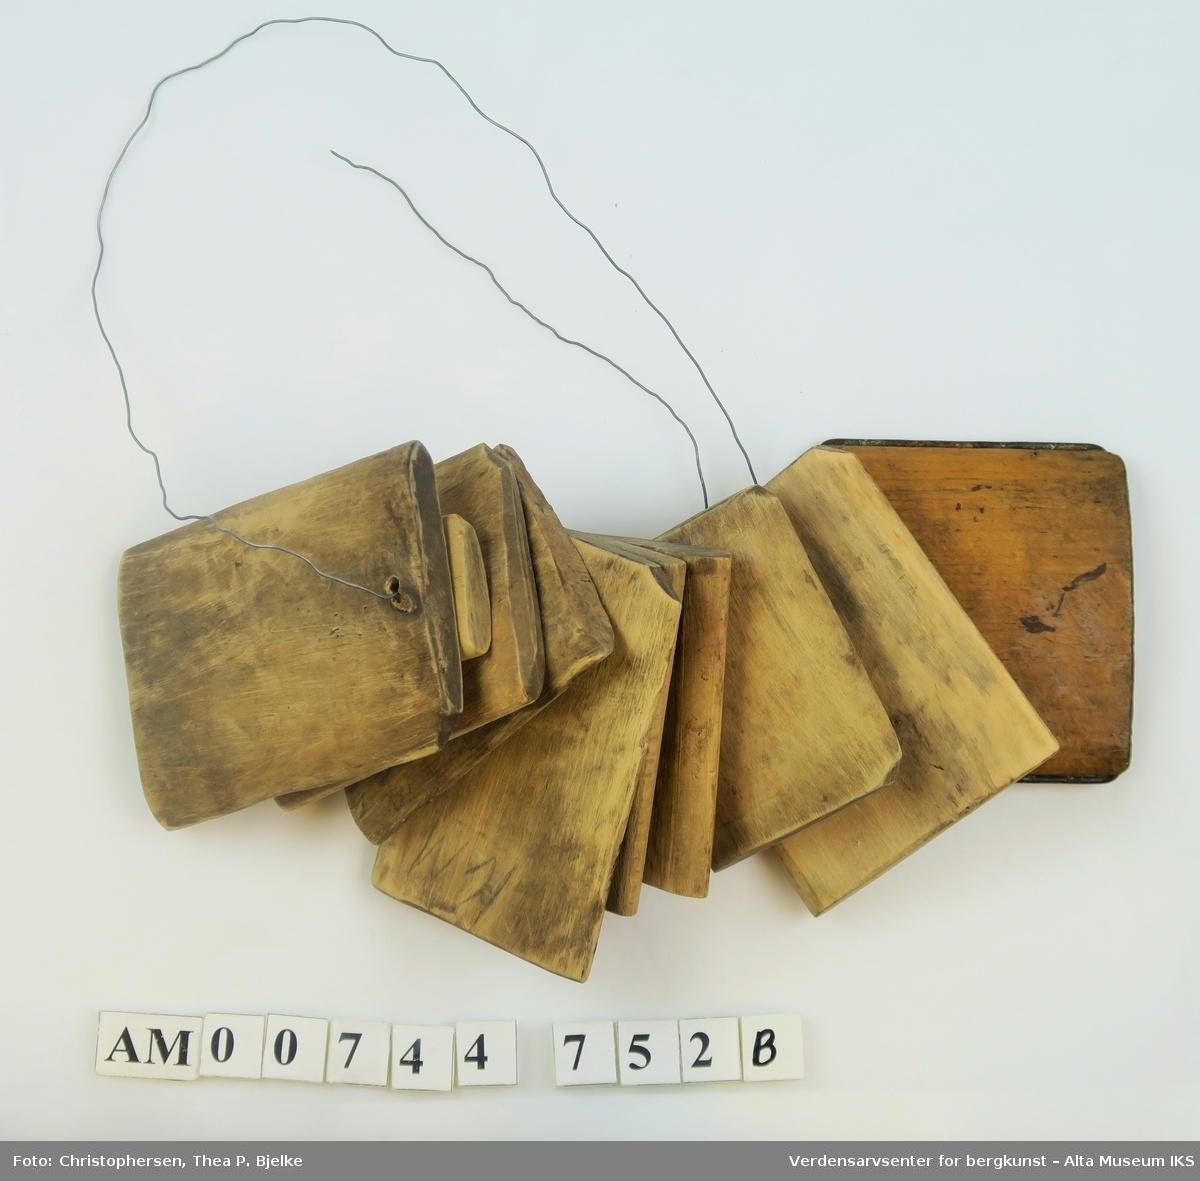 Liten, flat trekloss beskyttet med jernstreng i hver av kortsidene. Et hull er boret i den ene enden.